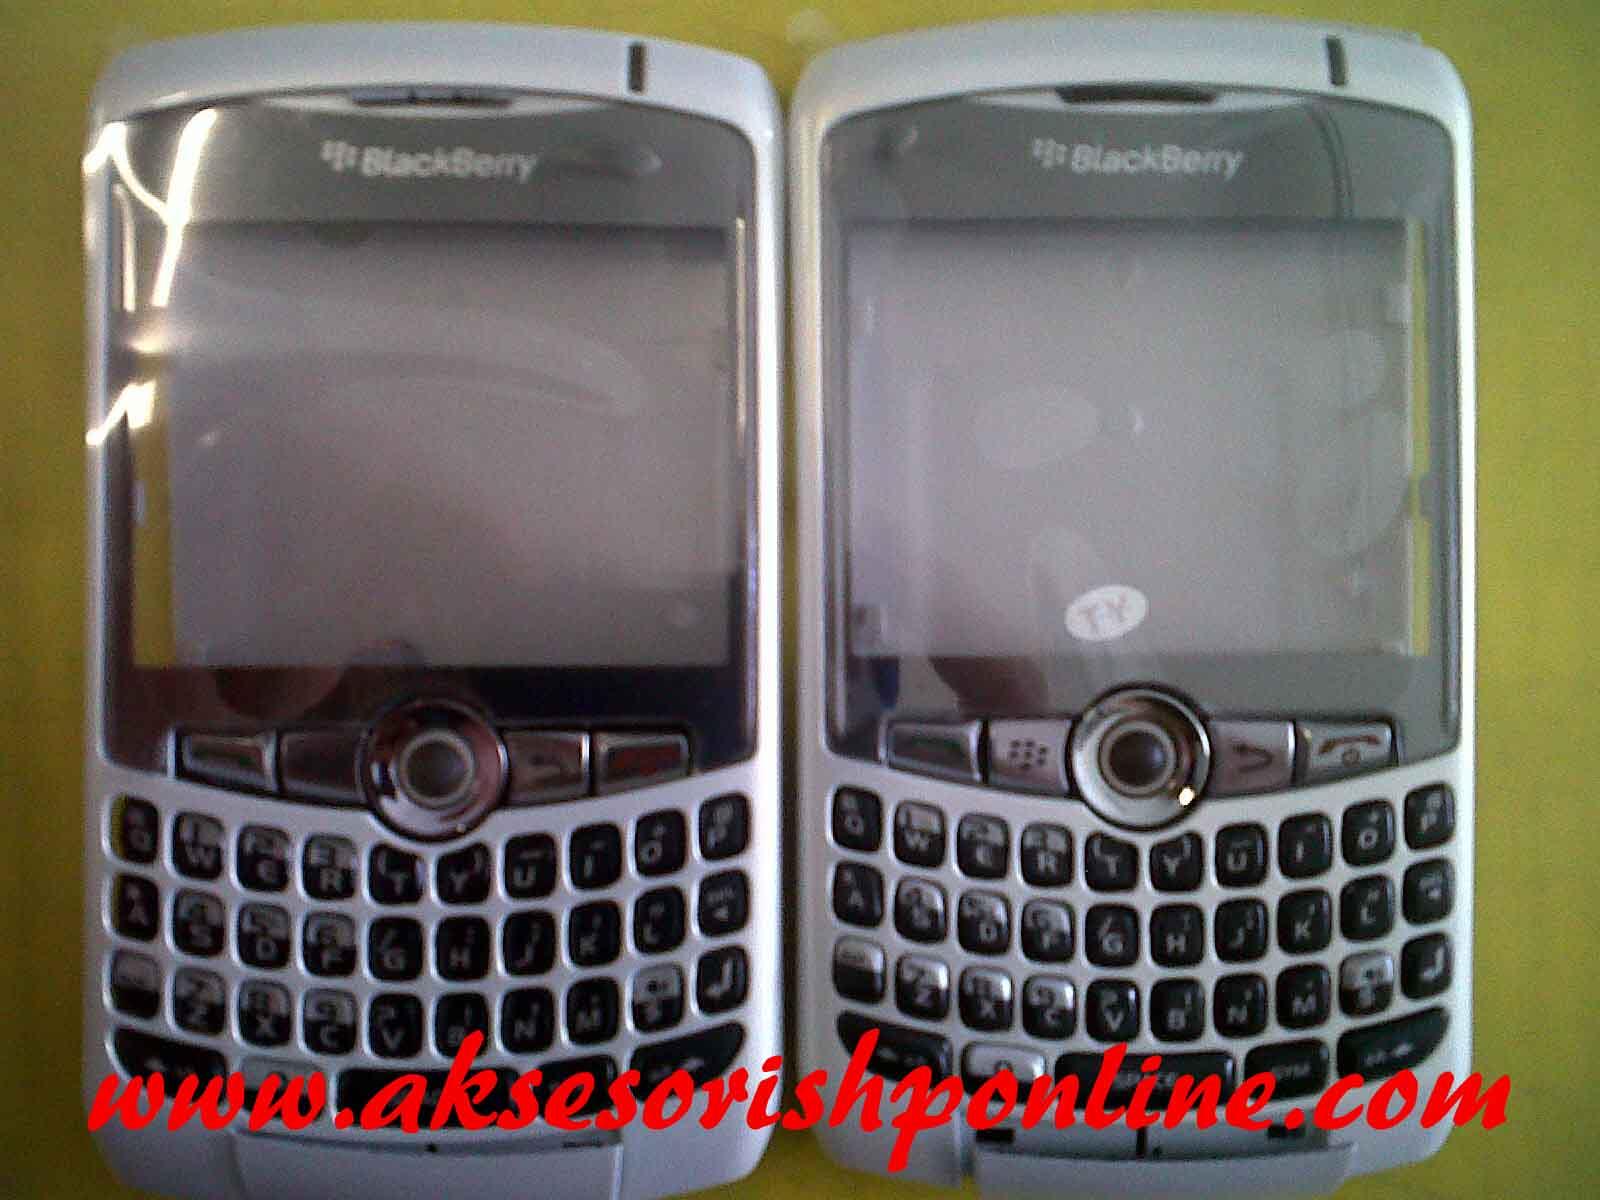 Casing+83XX+White+%26+Keypad+hitam+cap.jpg